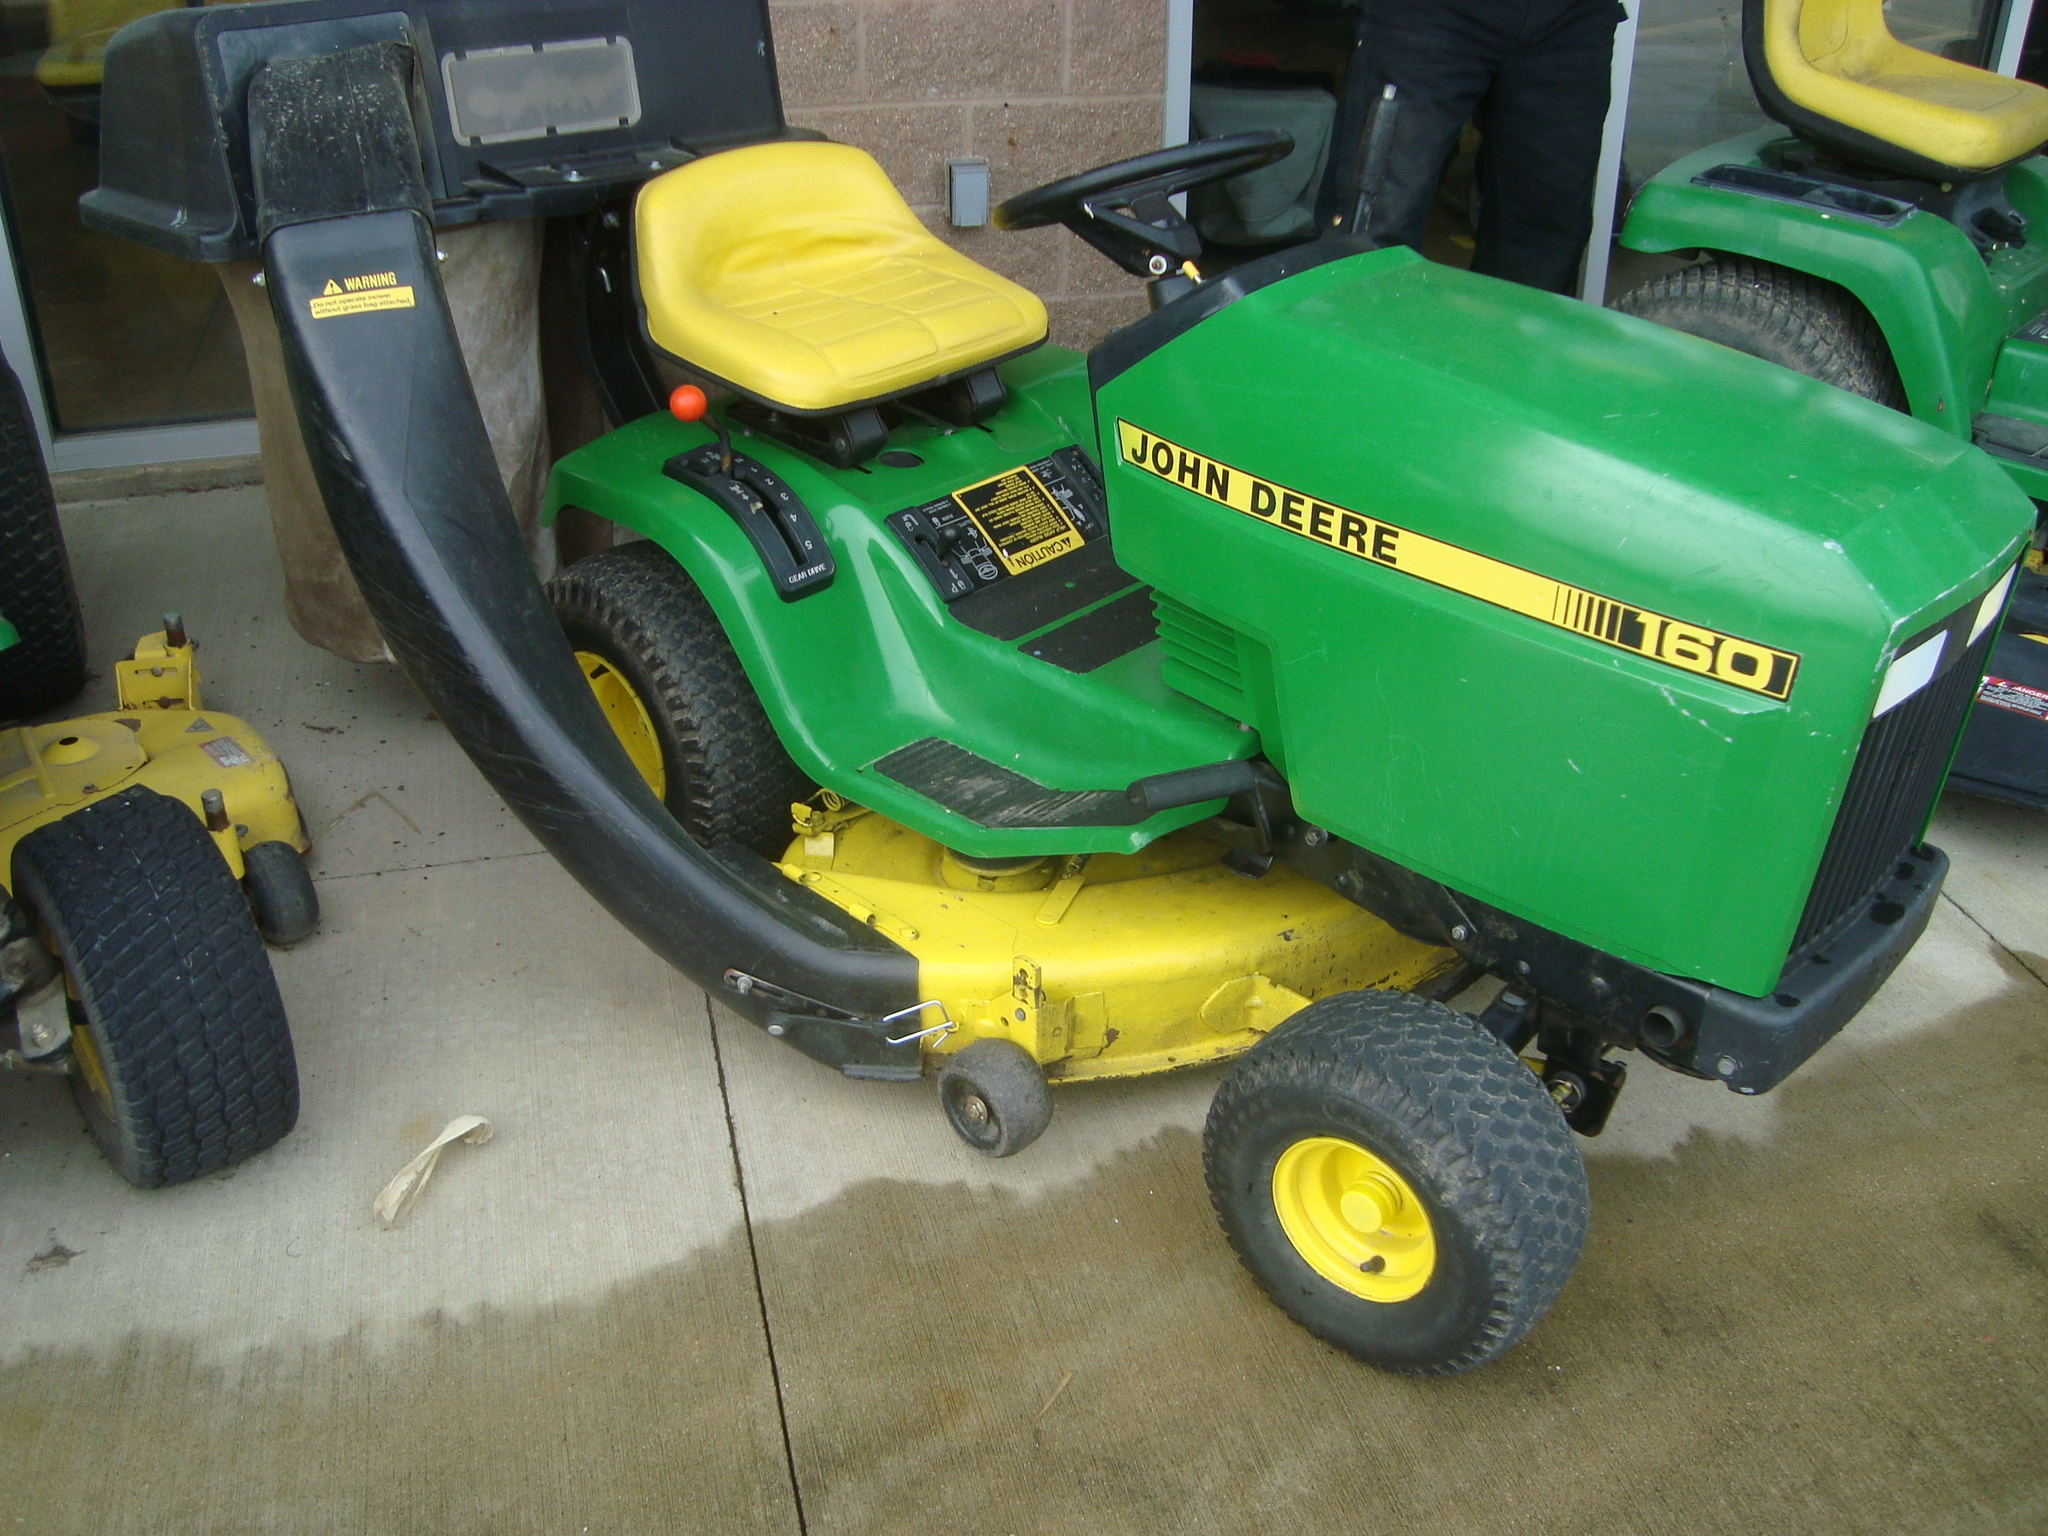 John Deere 160 Lawn & Garden Tractors for Sale | [40448]